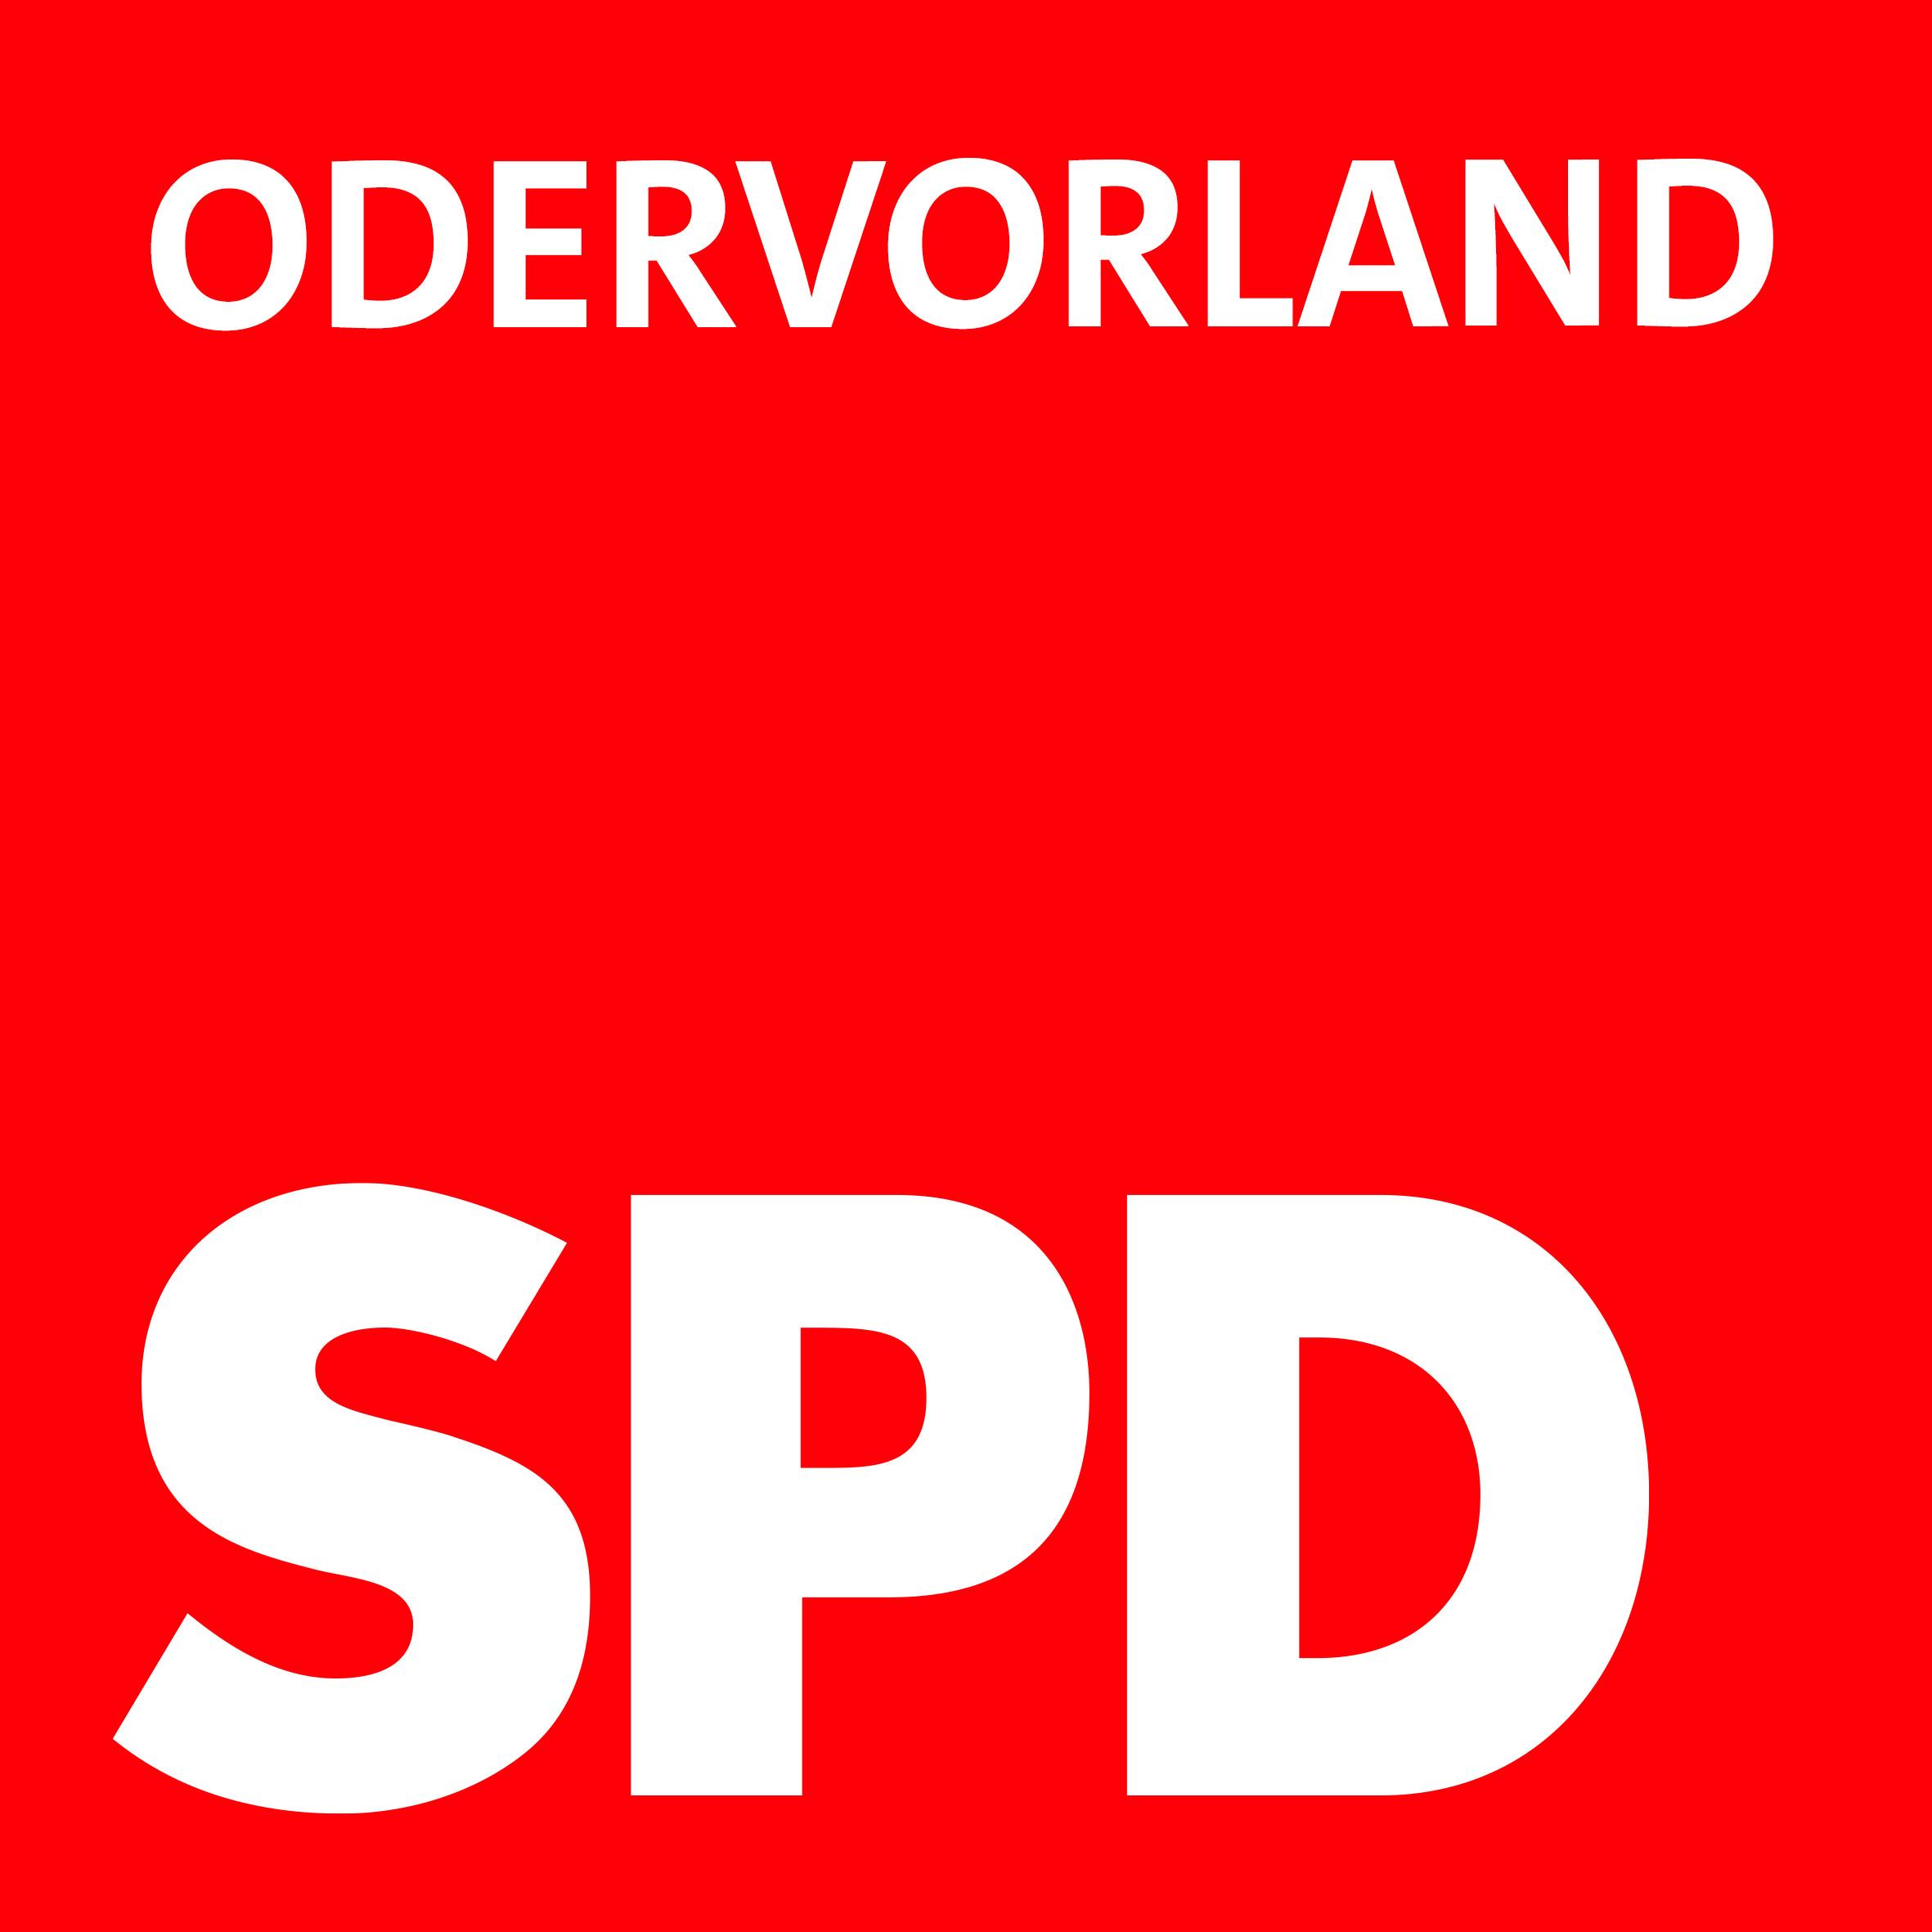 SPD Odervorland